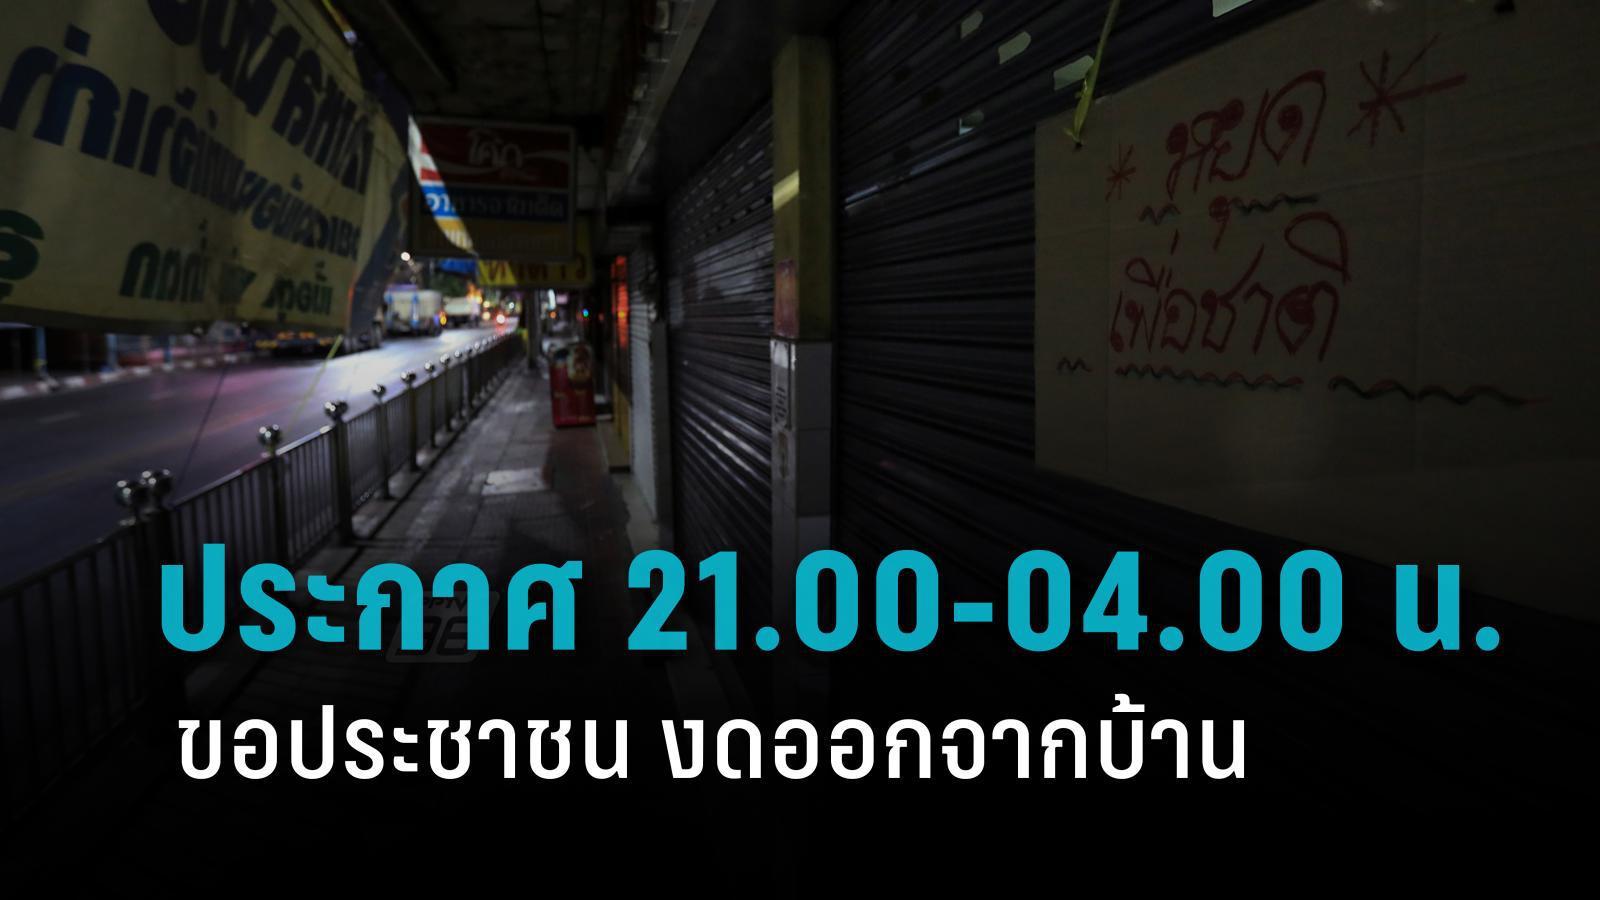 นนทบุรี ประกาศ ขอประชาชน งดออกจากบ้าน 21.00-04.00 น.